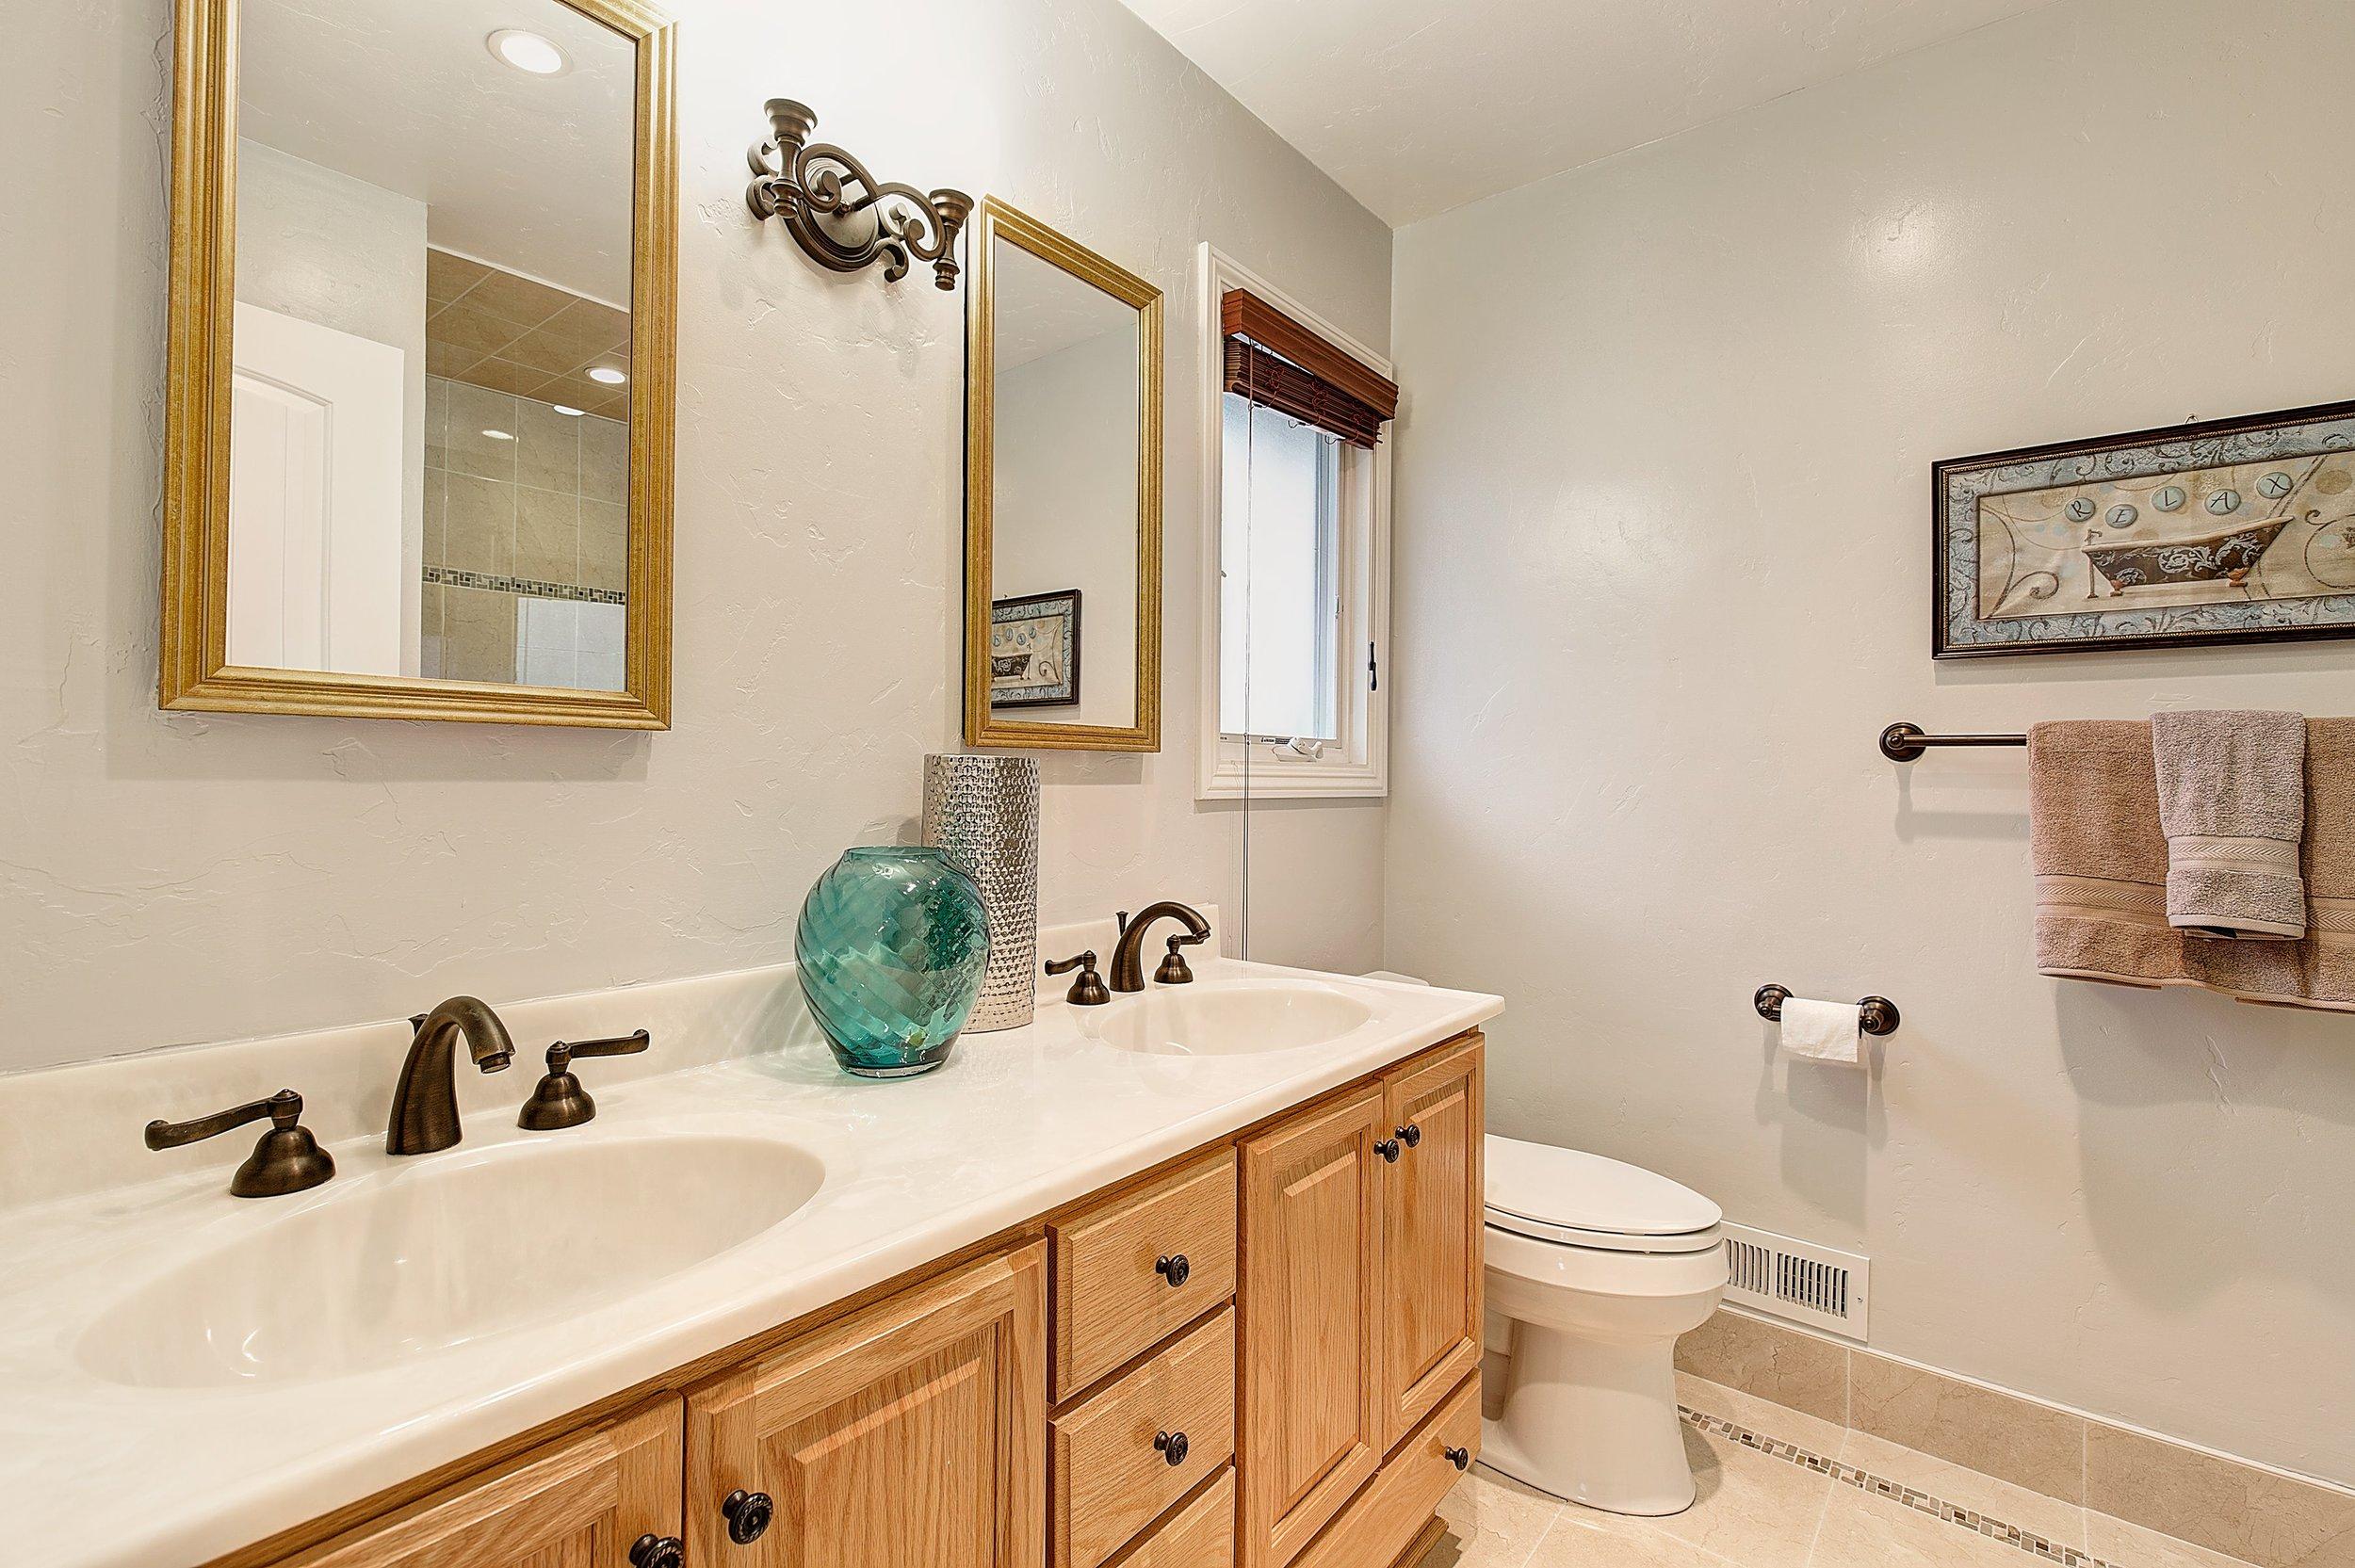 1301_harrison_ave_MLS_HID1099333_ROOMmasterbathroom1.jpg